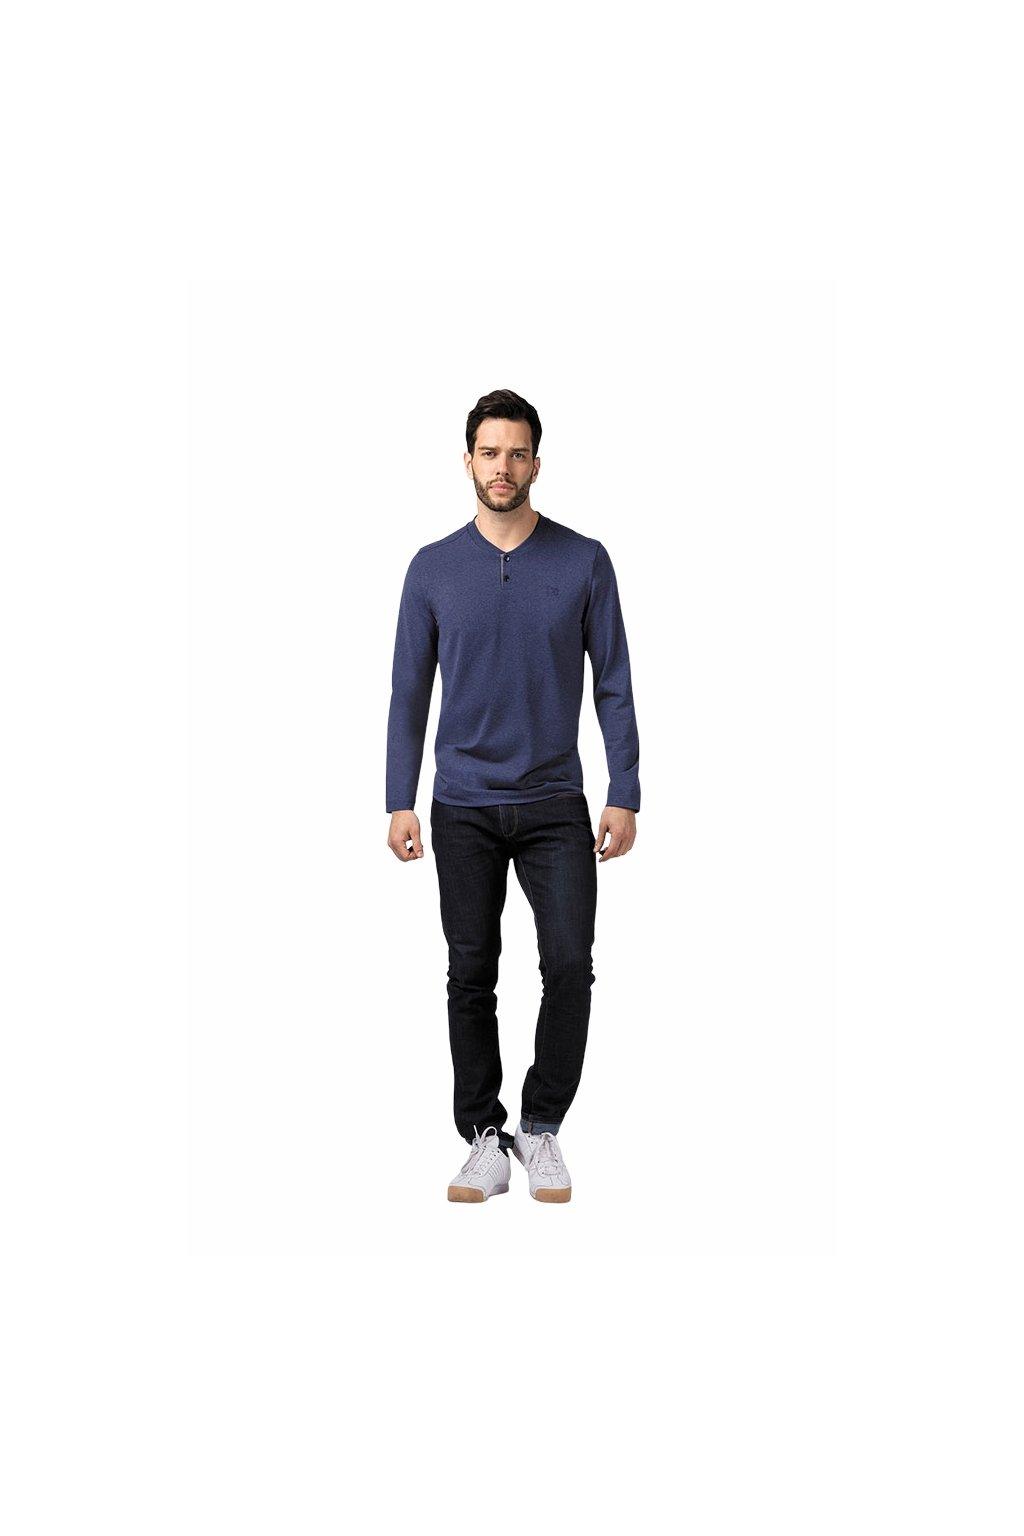 Pánské tričko s dlouhým rukávem, 20312 400, modrá